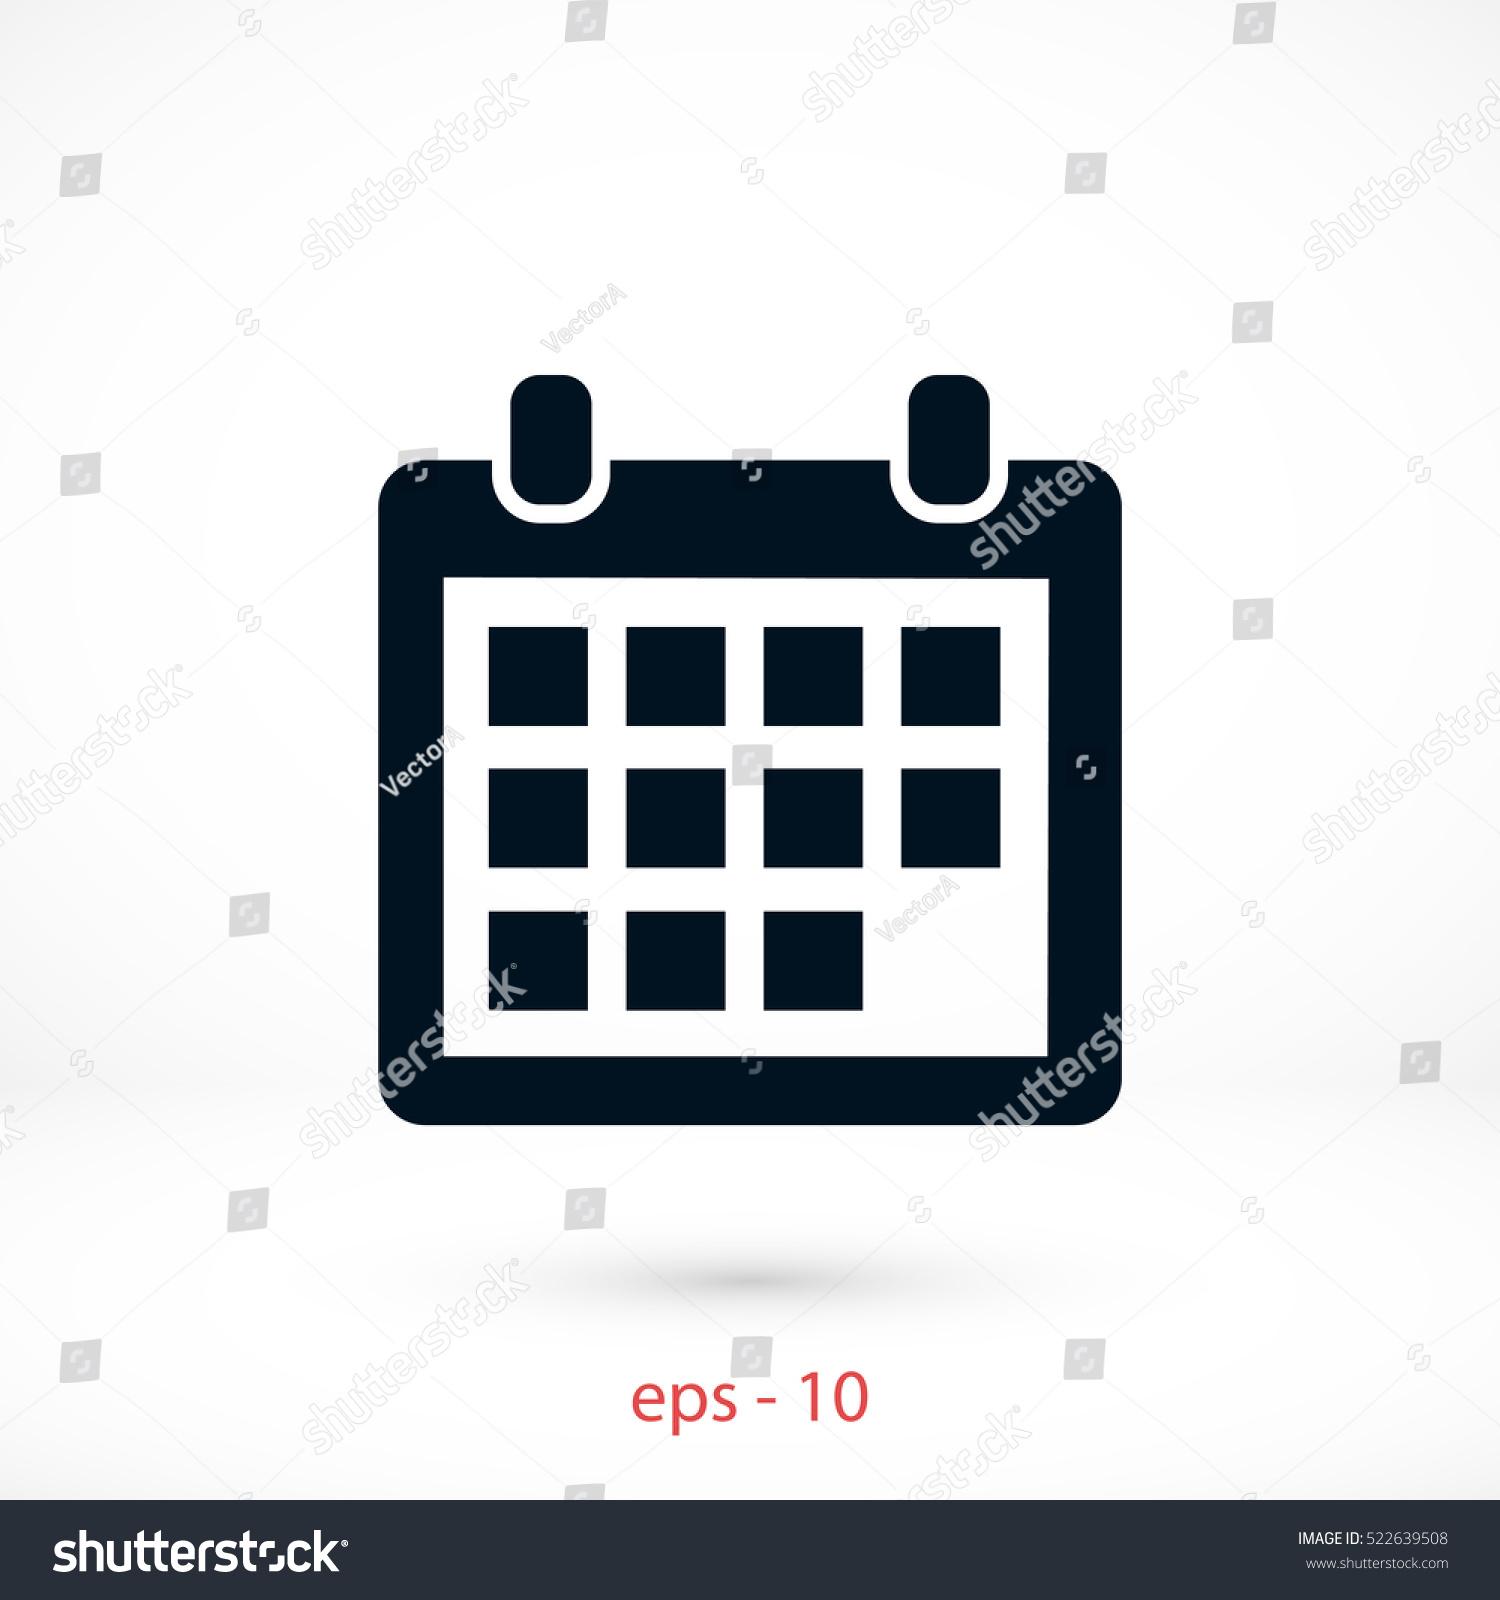 Calendar Design Icon : Calendar icon vector flat design best stock